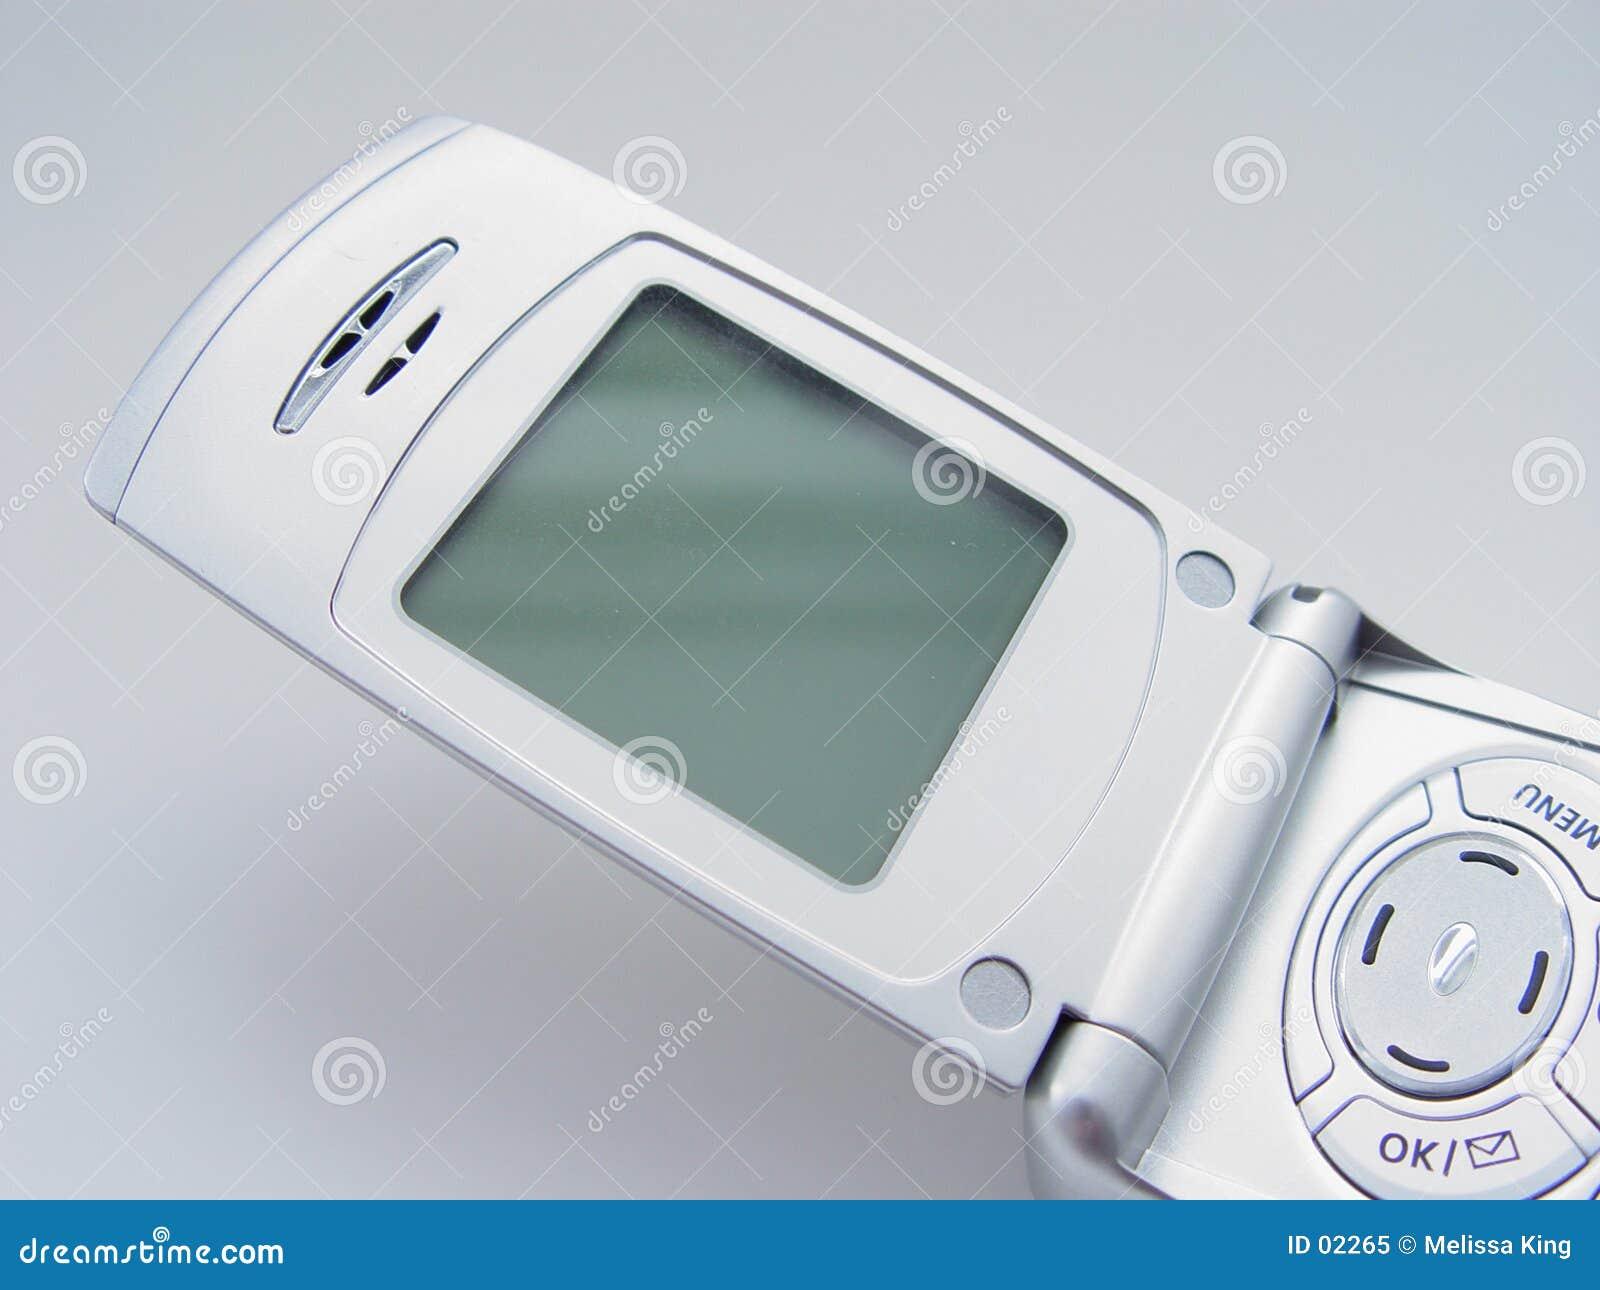 Teléfono celular con la pantalla en blanco